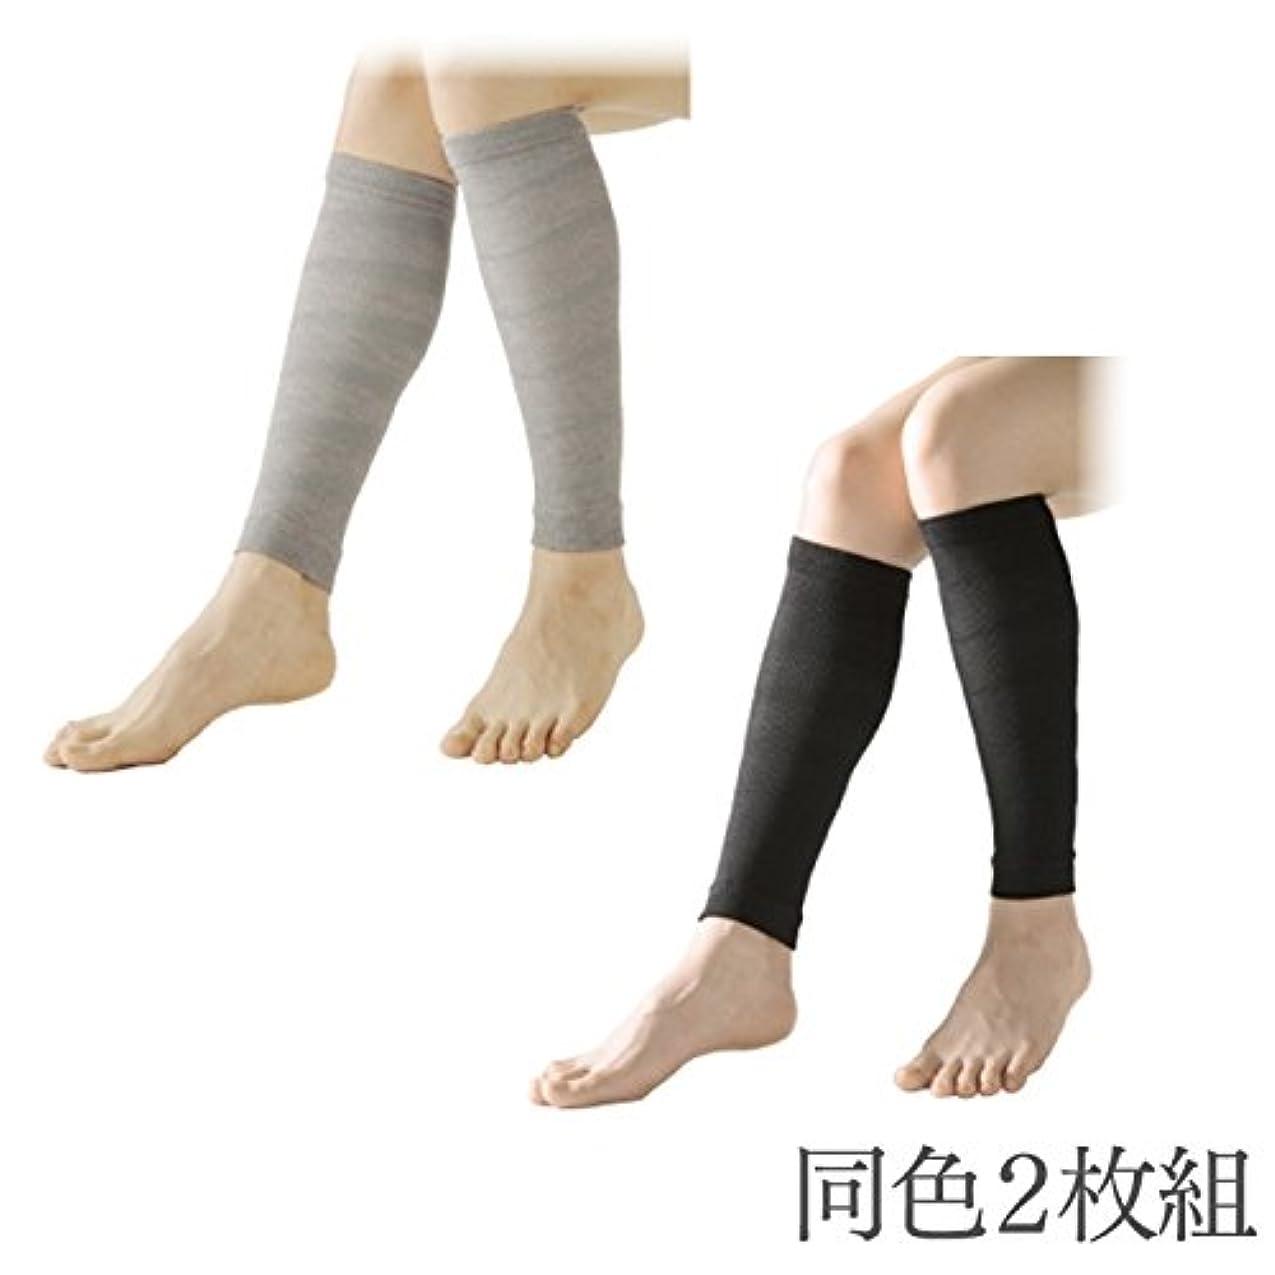 負生物学実用的着圧ソックス 足のむくみ 靴下 むくみ解消 着圧ふくらはぎサポーター 2枚組(ブラック)